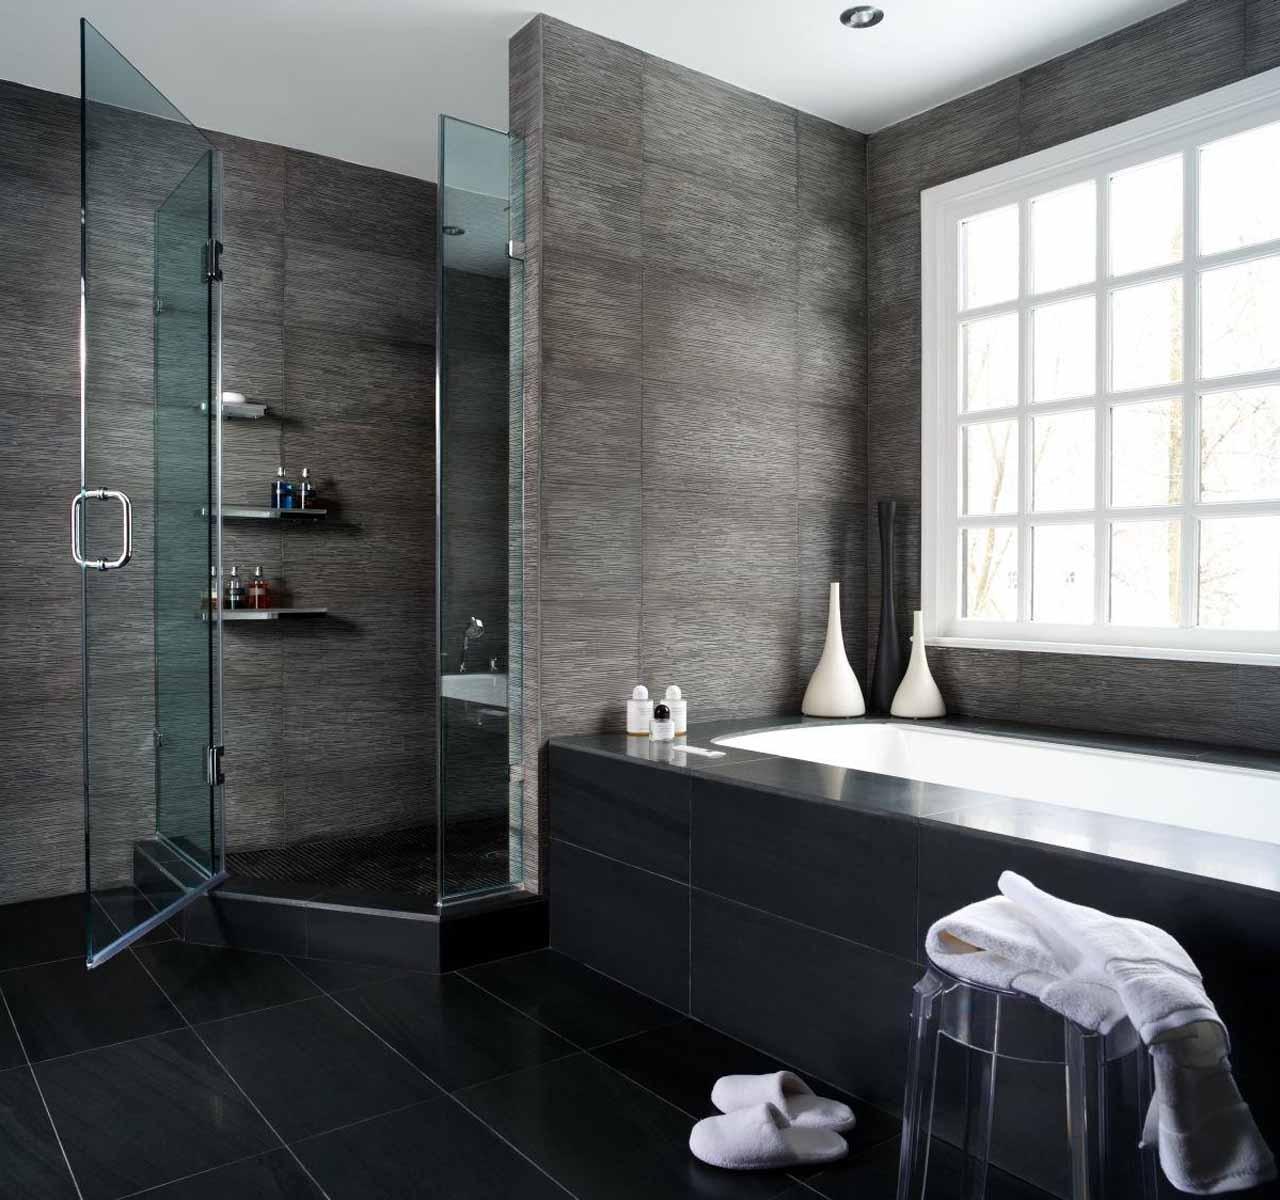 Bathroom Remodel Value simple bathroom remodel home value art deco design render intended